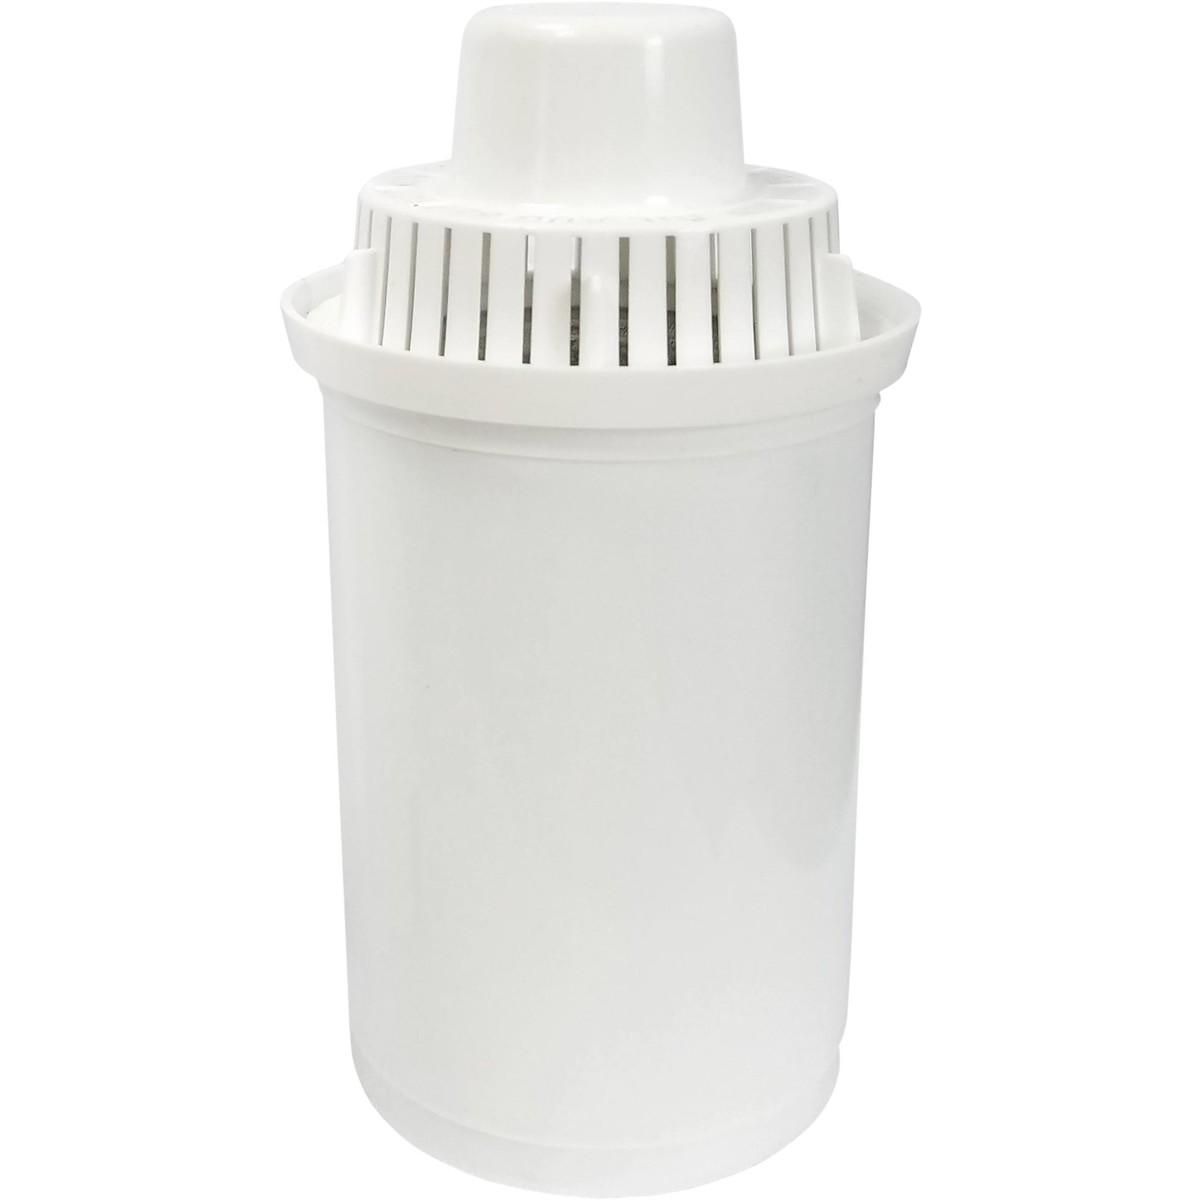 Ersatzfilter zu Heißwasserspender 3er Pack